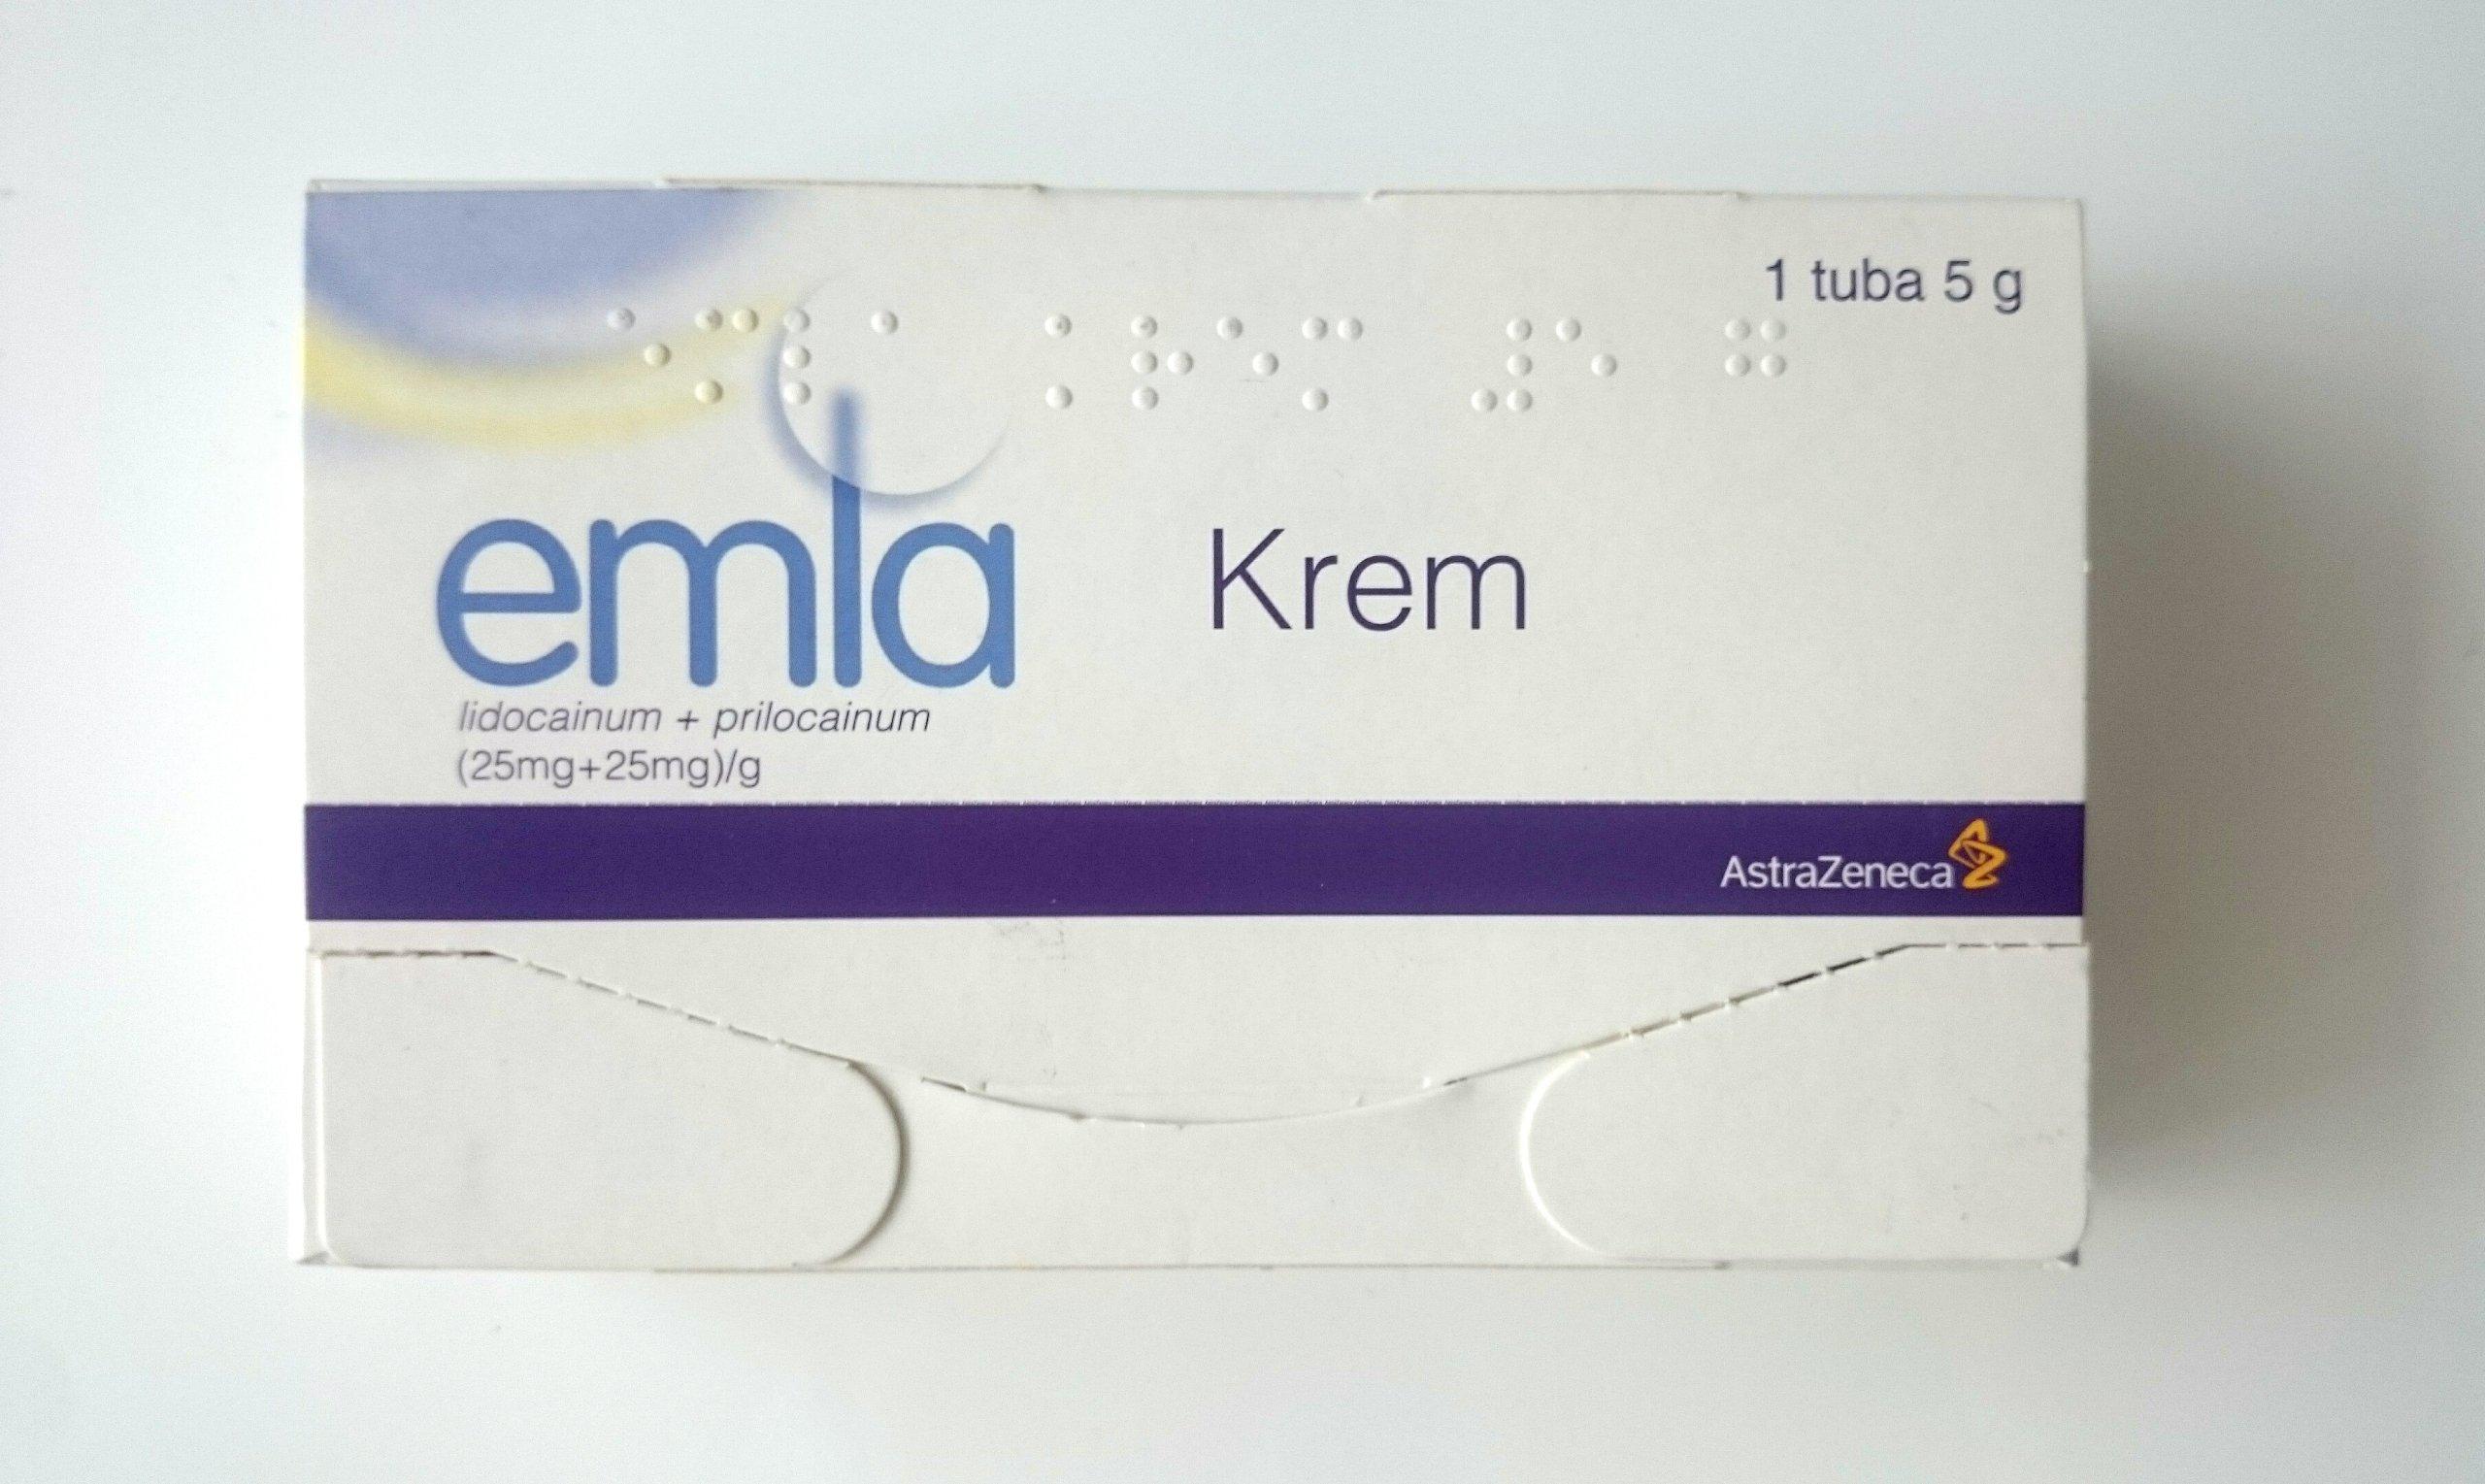 Emla Krem